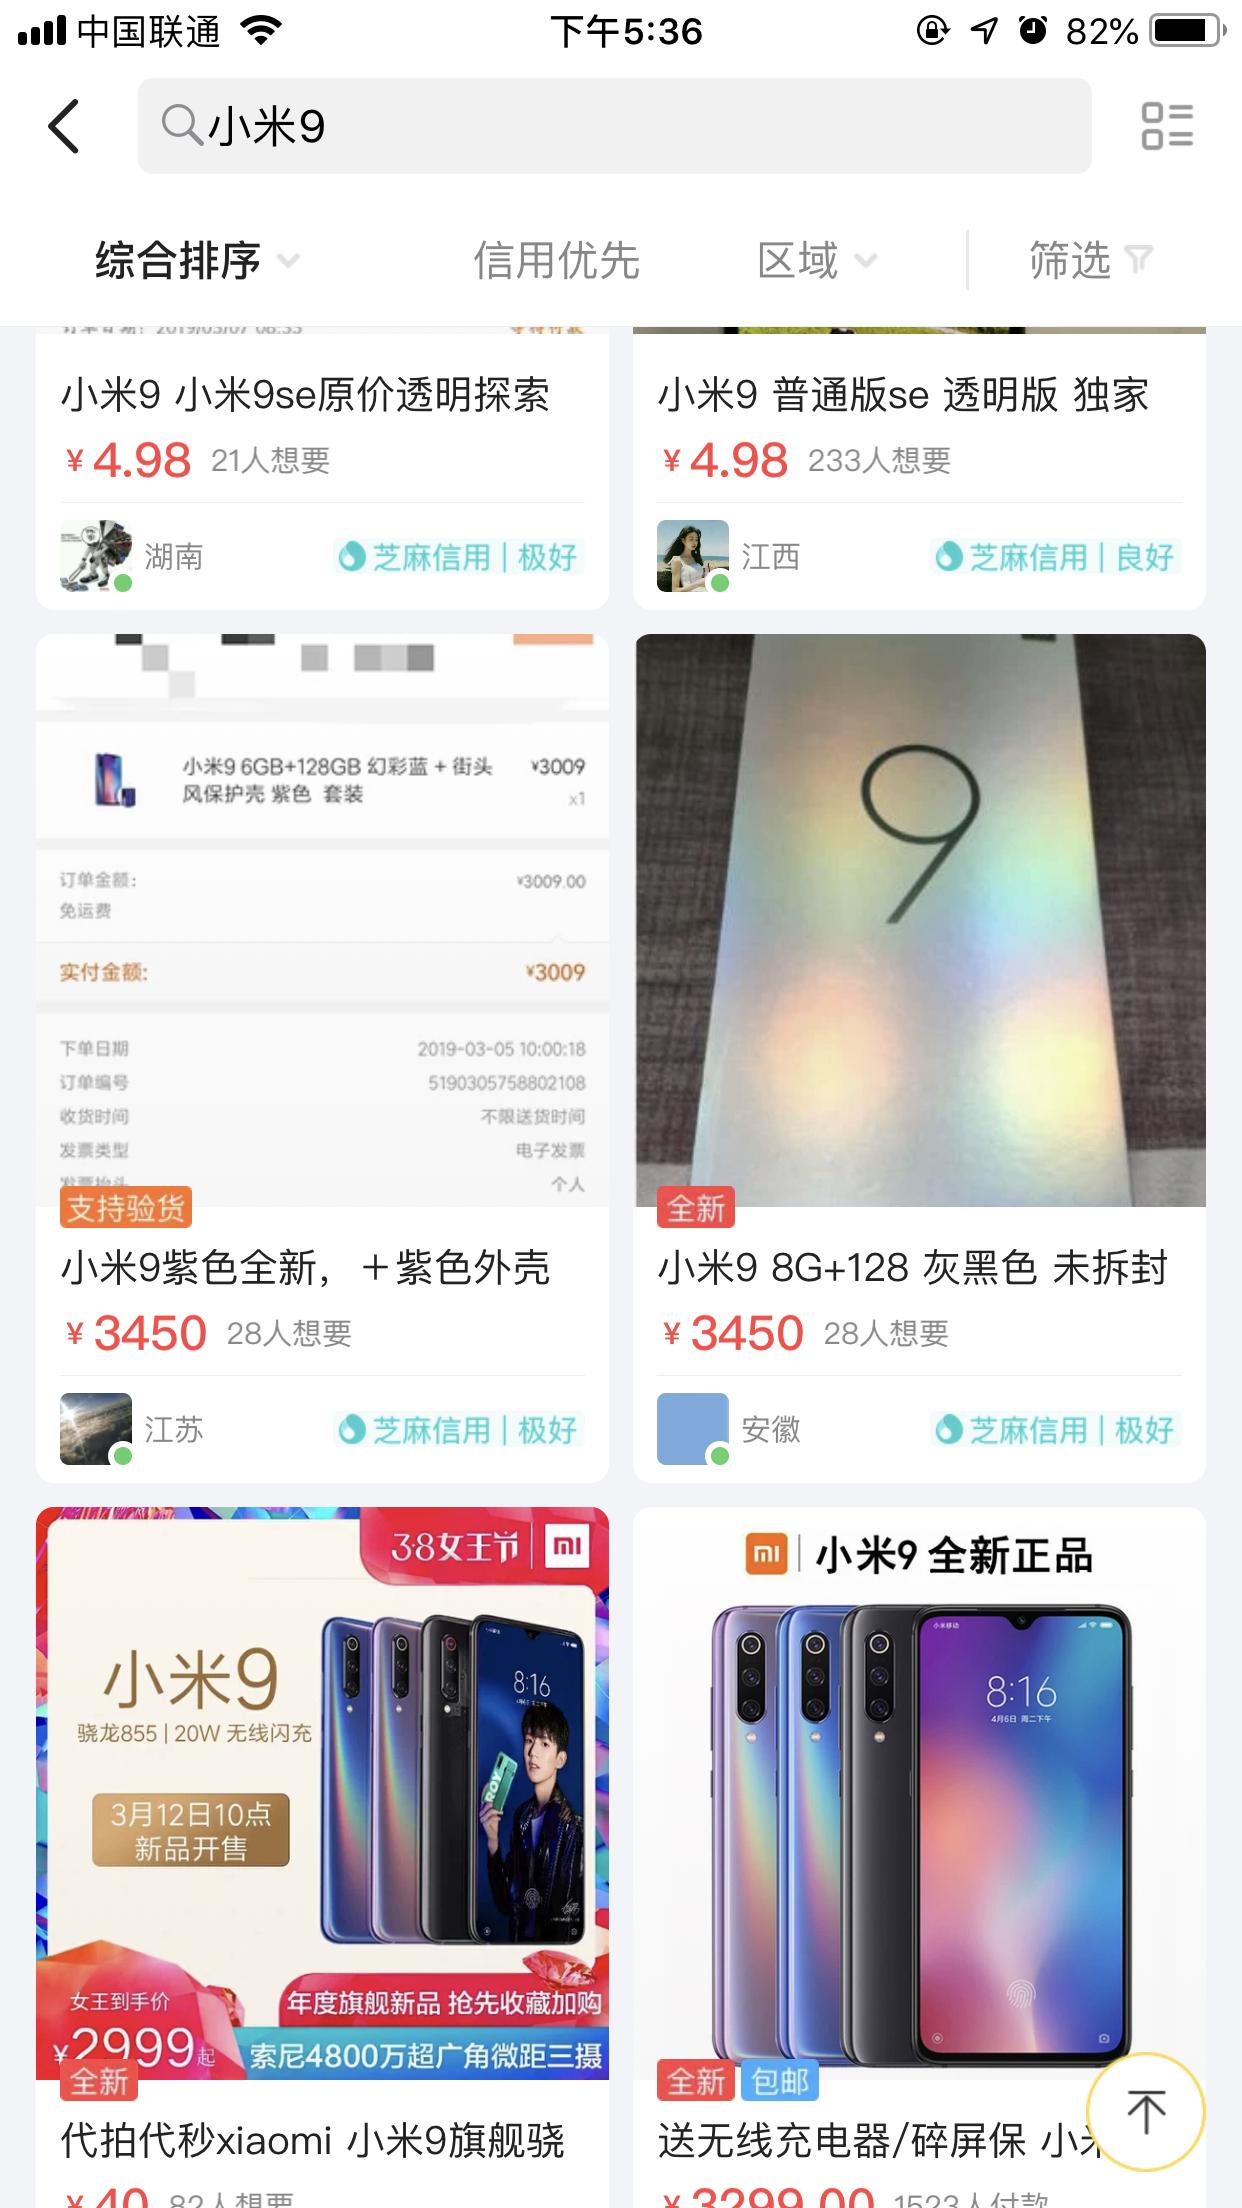 小米手机抢购成功后_小米,到了和抢购模式说再见的时候了_手机